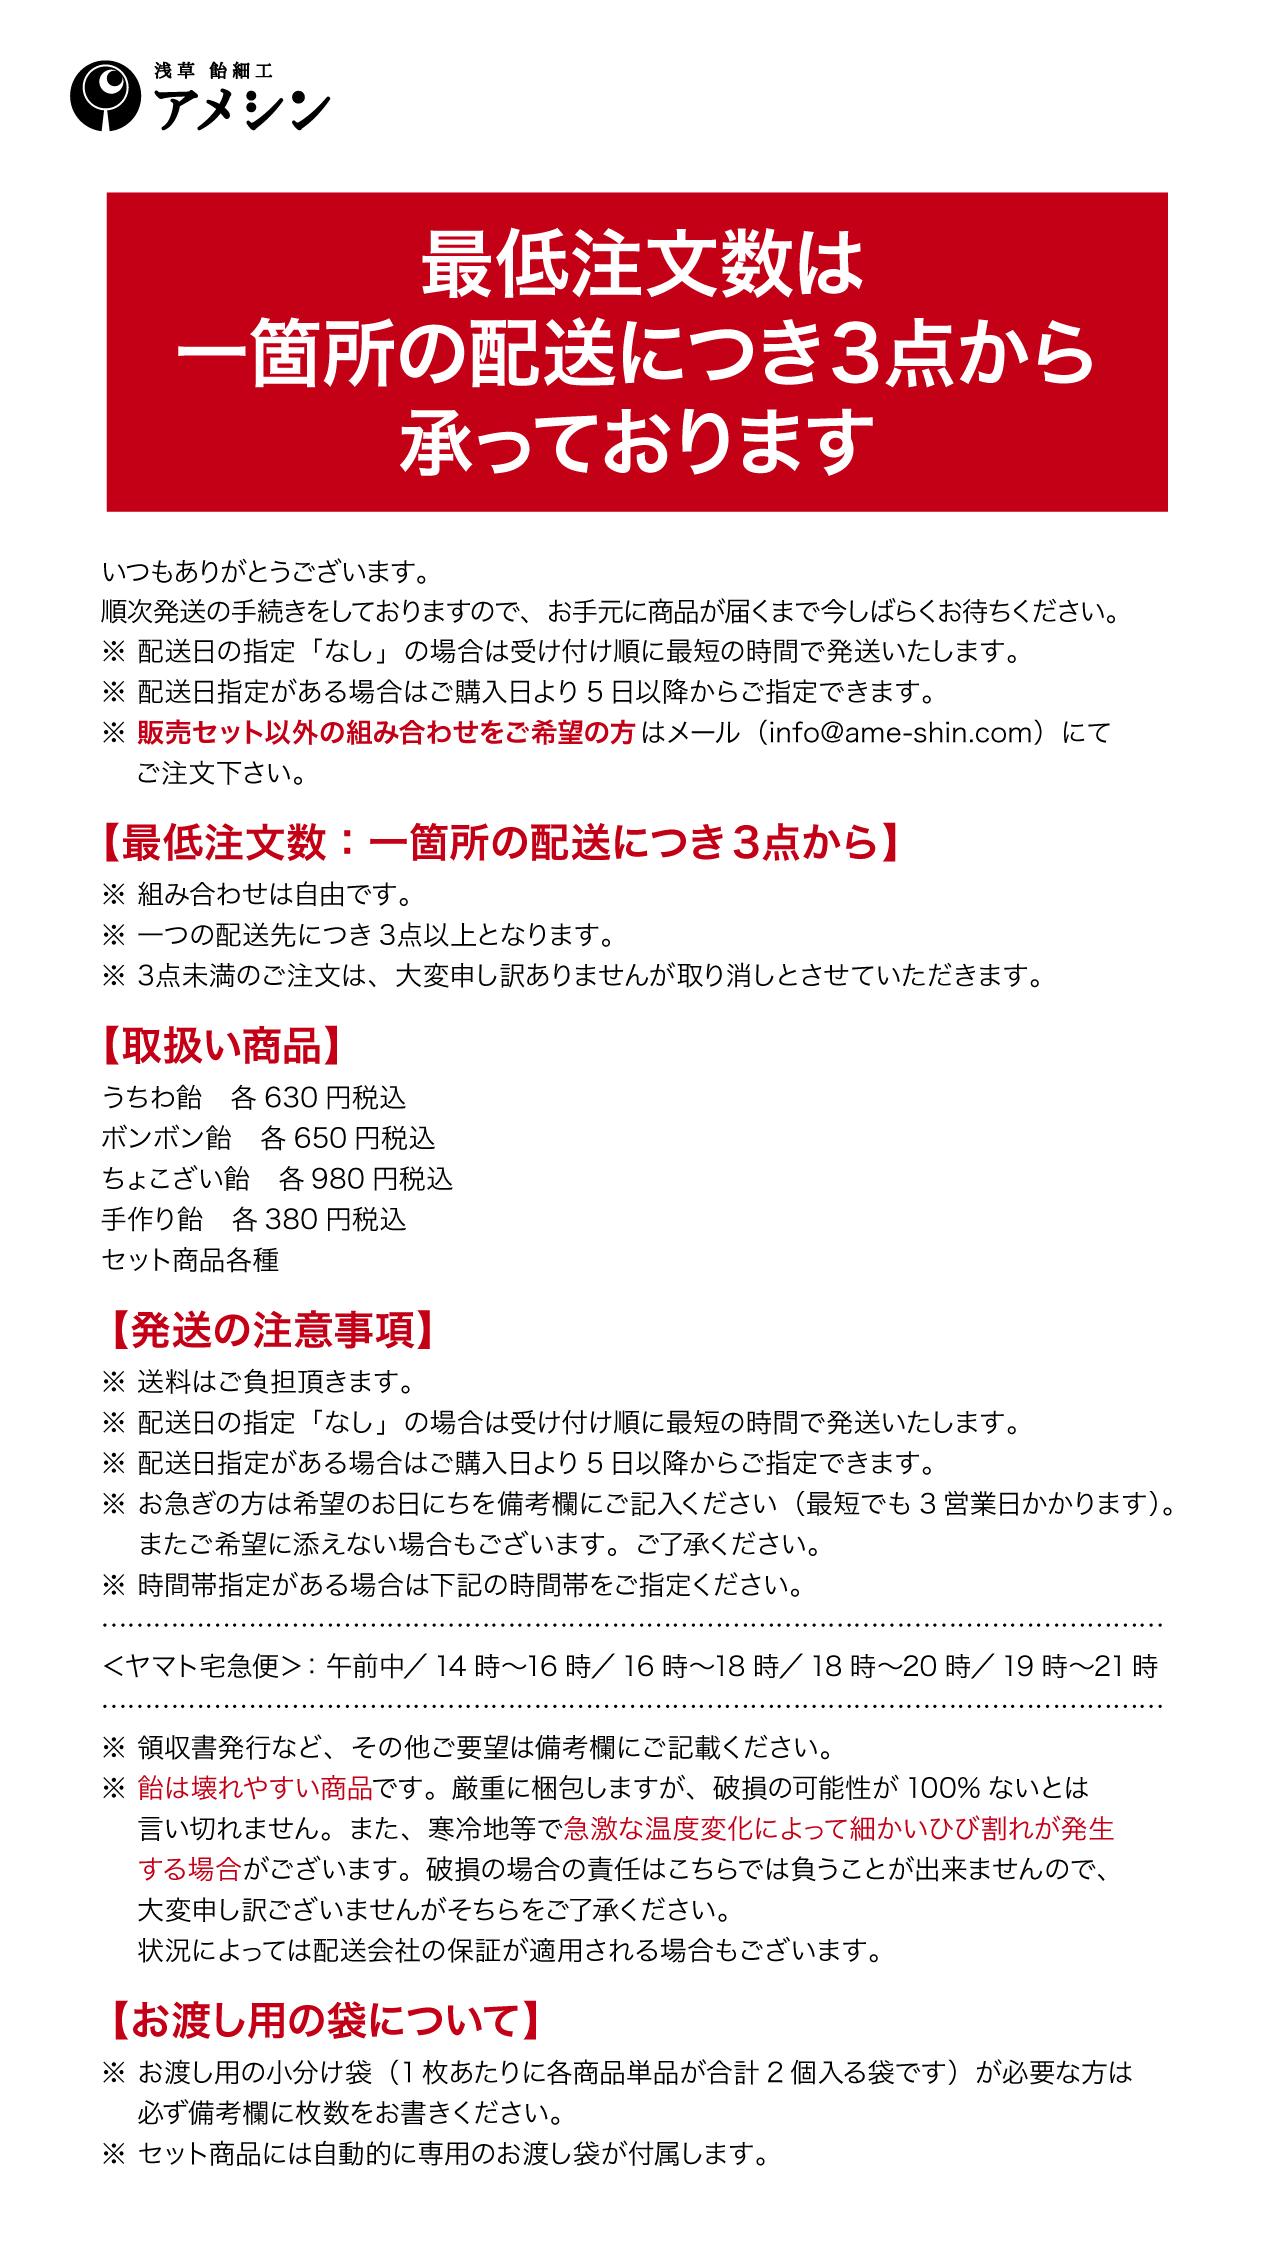 ◆◆注意事項をよくお読み下さい。全ての商品のご購入合計が3点未満のご注文はキャンセルとなります。◆◆